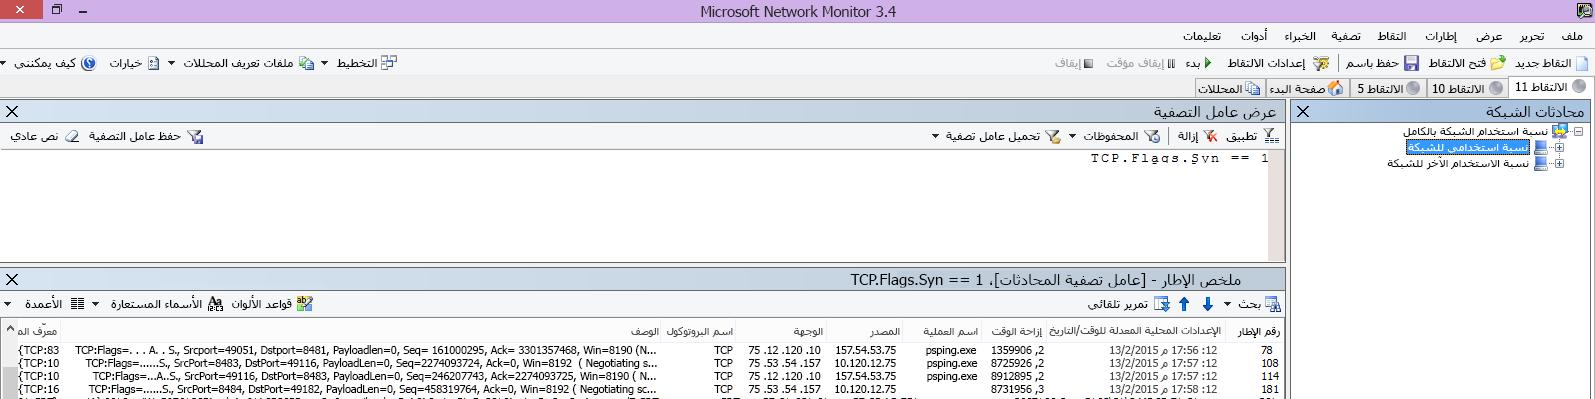 يعرض تتبع Netmon من العميل أمر PSPing نفسه من خلال عامل التصفية TCP.Flags.Syn == 1.